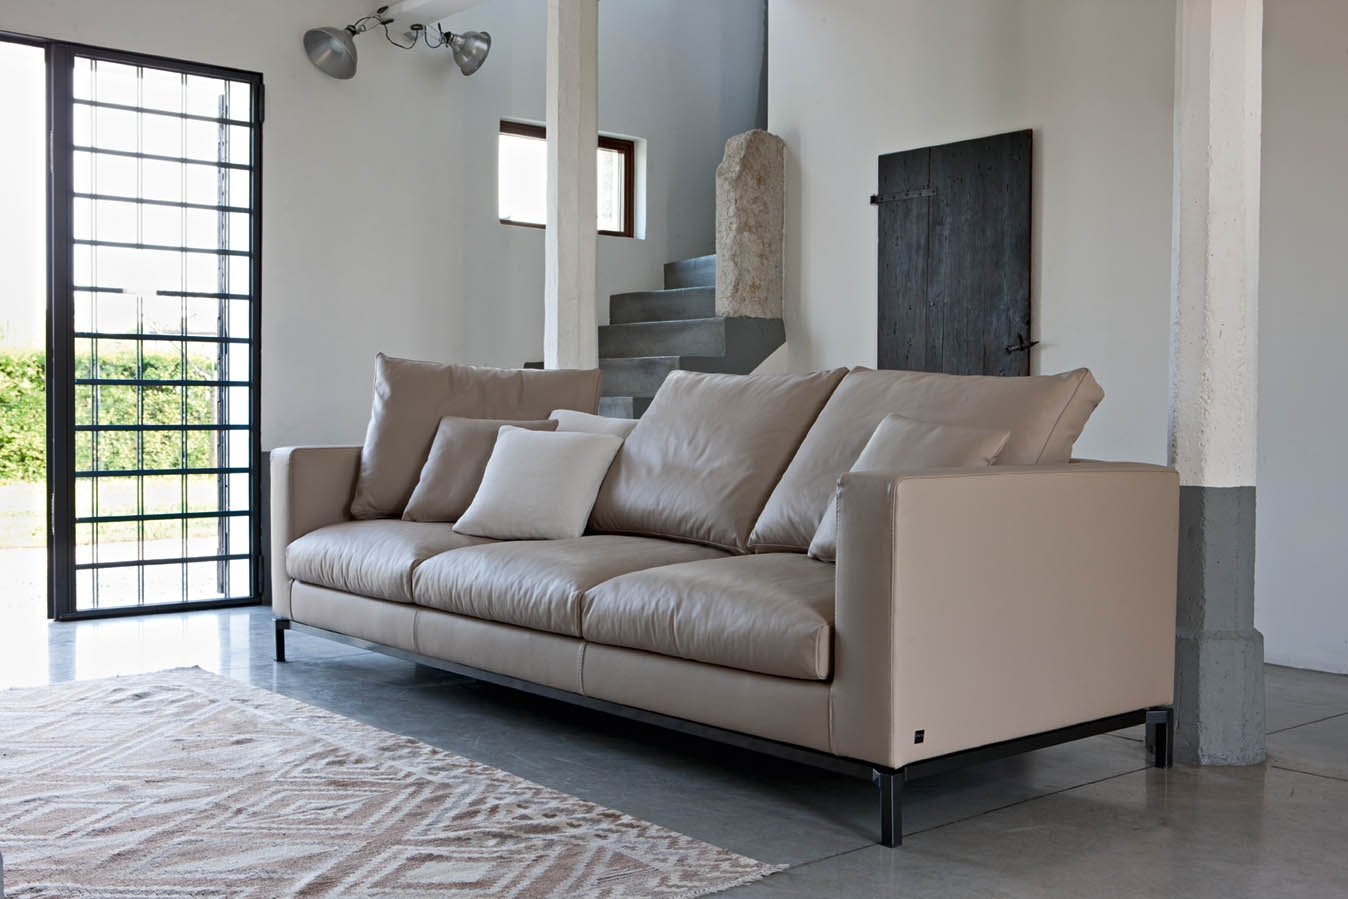 Divani ufficio tempo libero divano schienale affari for Divani con gambe